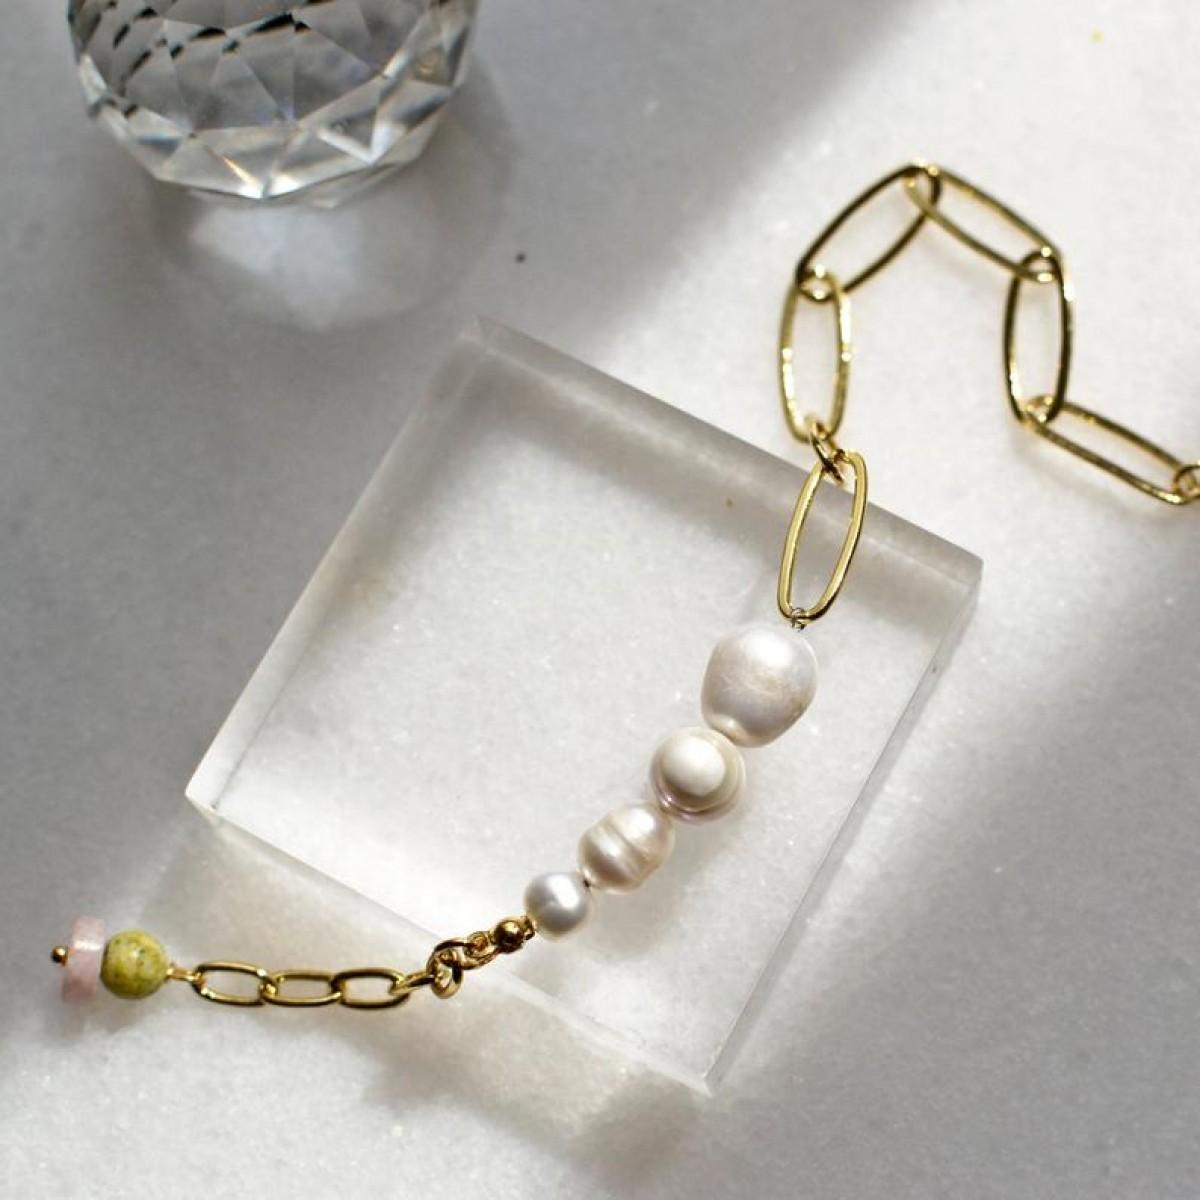 Paperclip Armband mit Süßwasserperlen